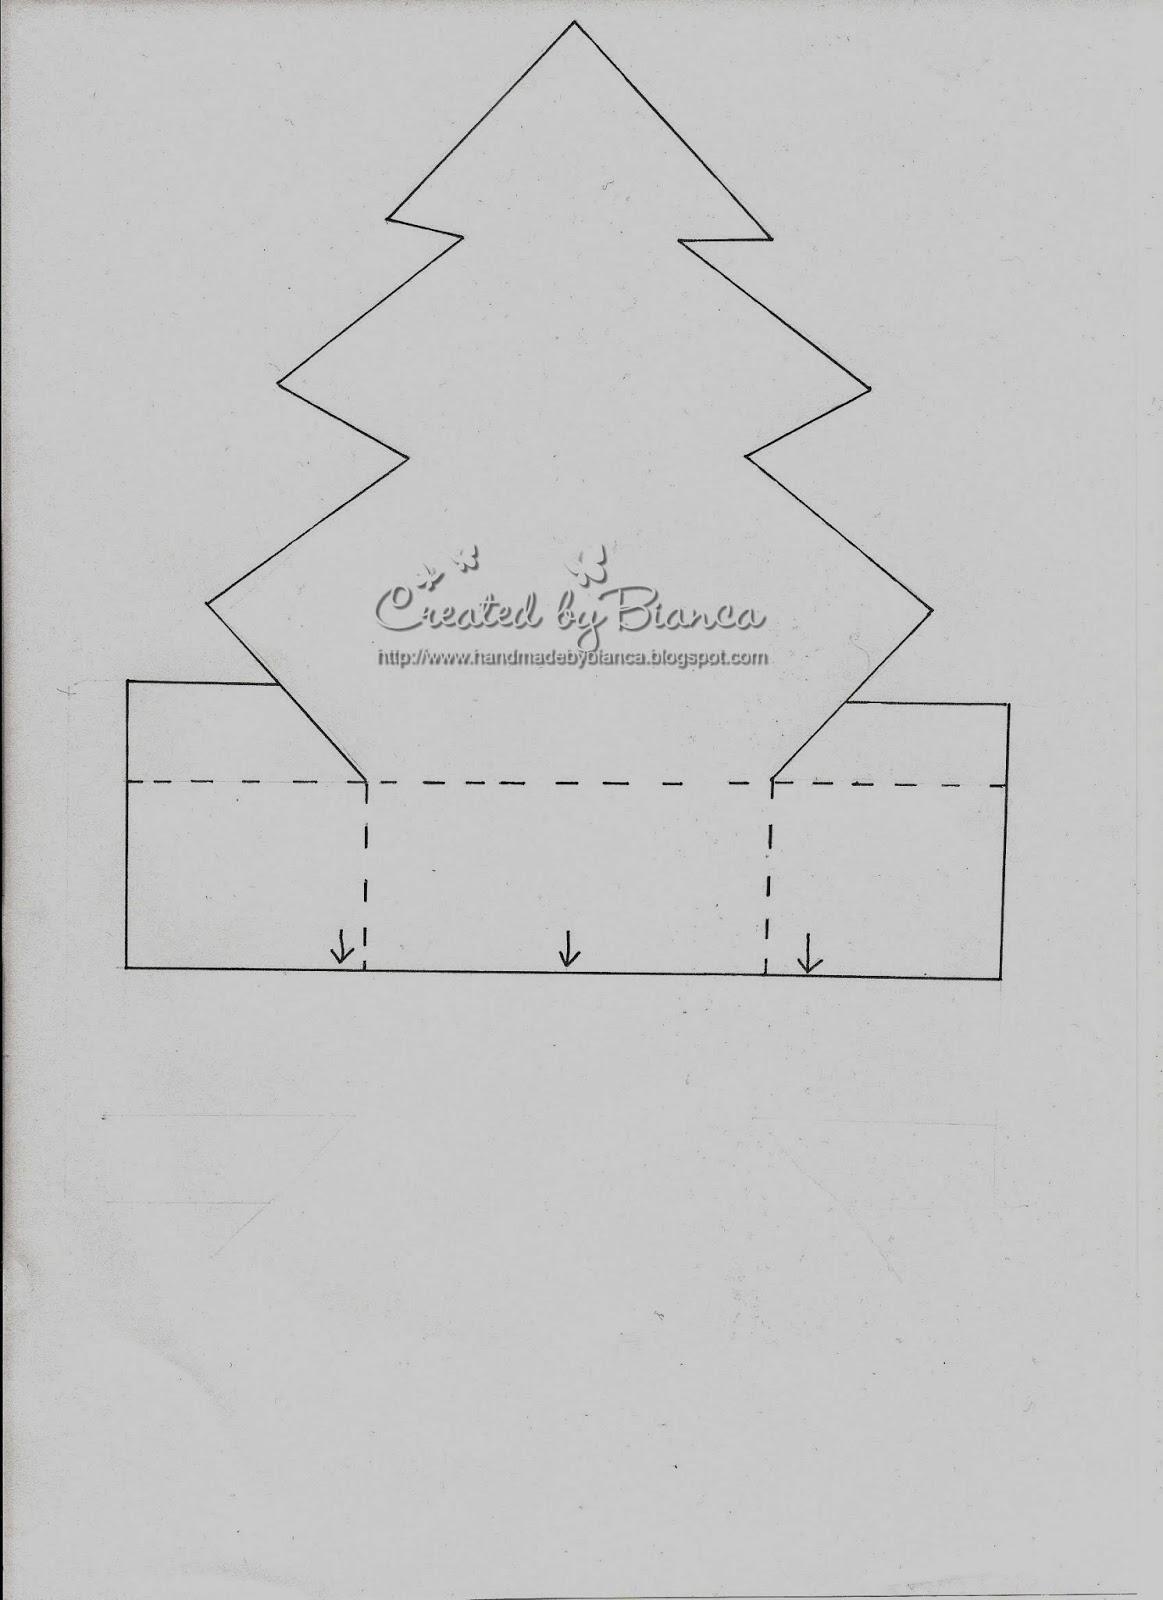 Handmade by Bianca: Weihnachtsbaumbox, mit Vorlage zum ausdrucken